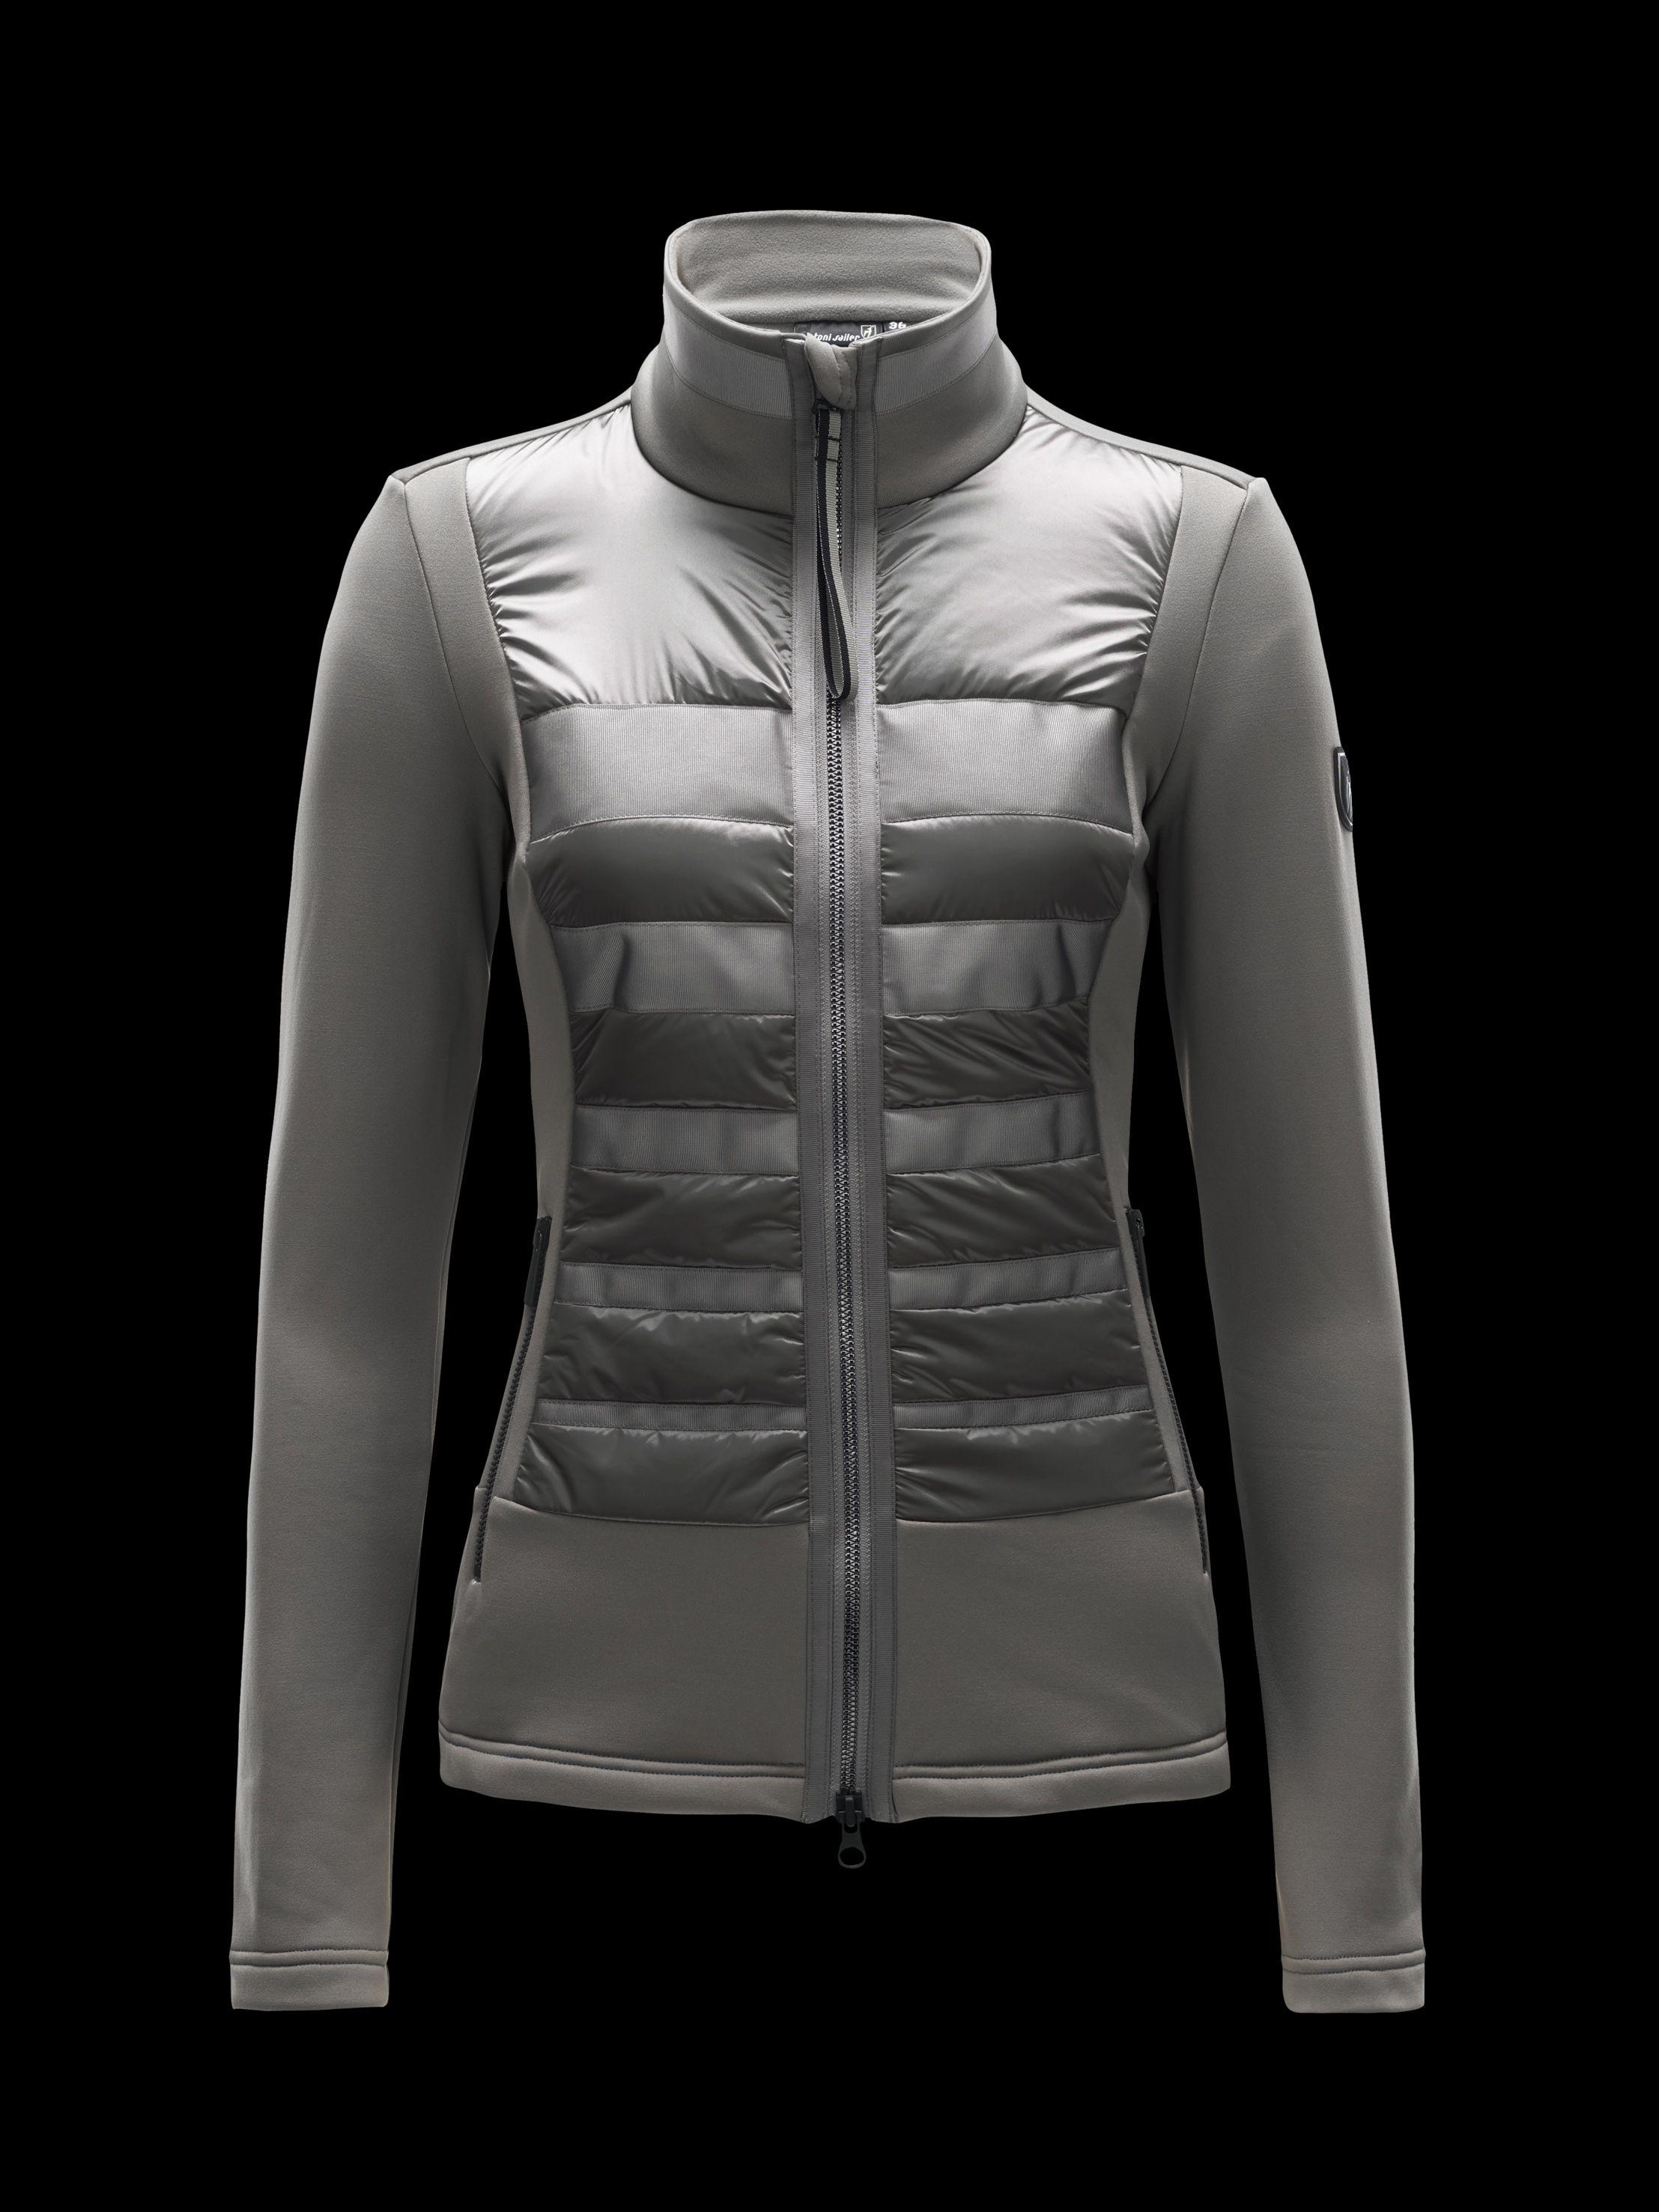 Mid Layer Fleece Jacket